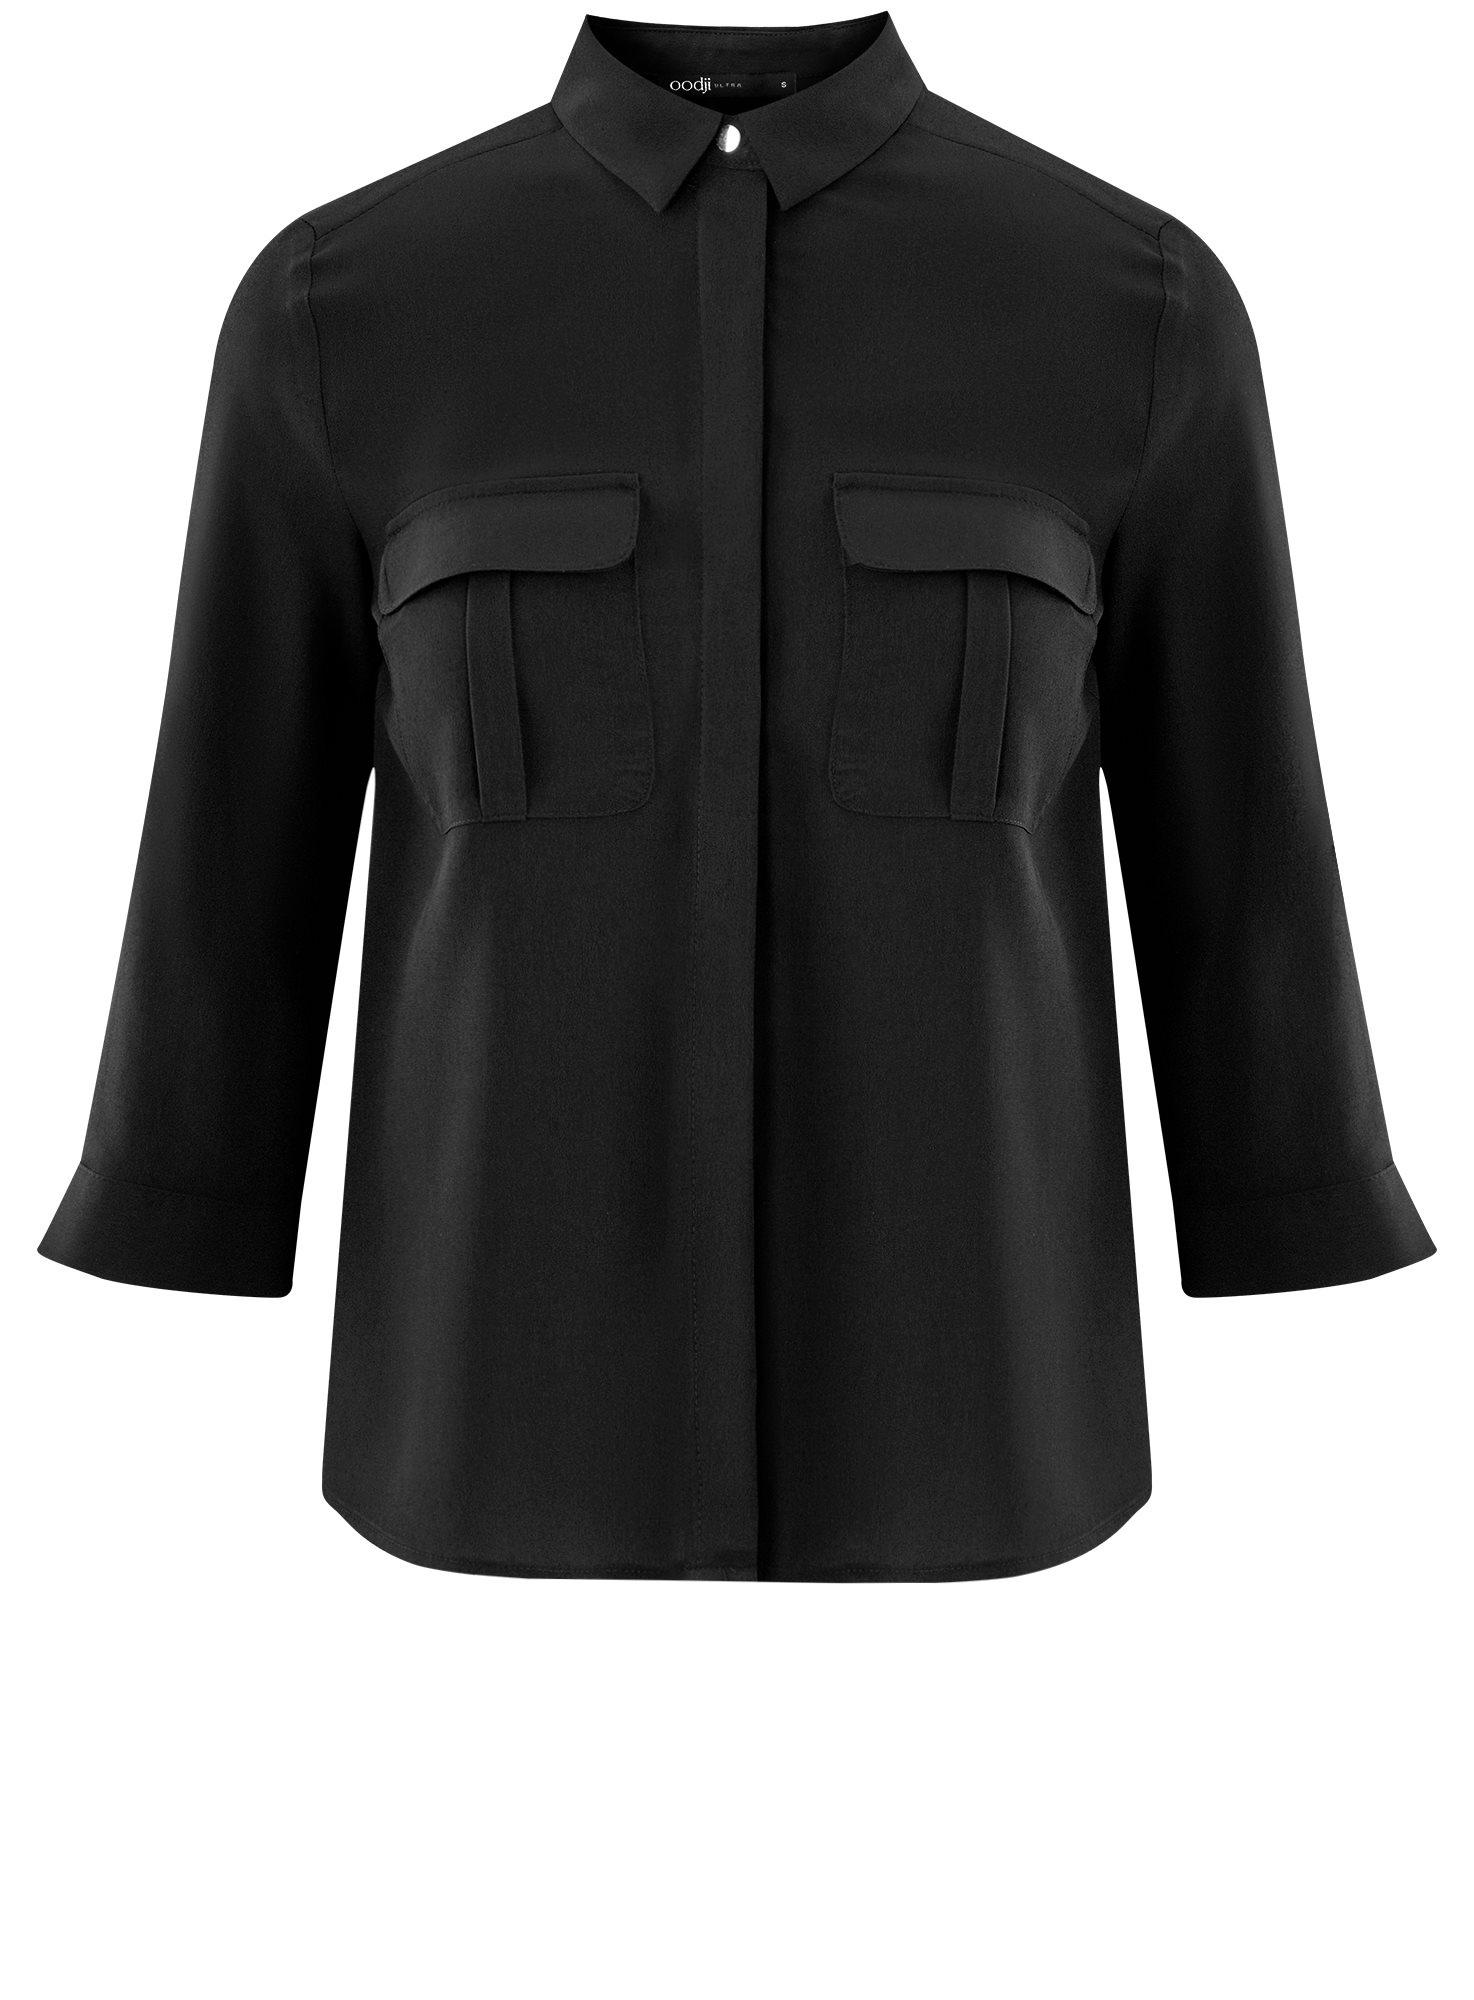 Блузка из струящейся ткани с нагрудными карманами oodji для женщины (черный), 11403225-6B/48853/2900N